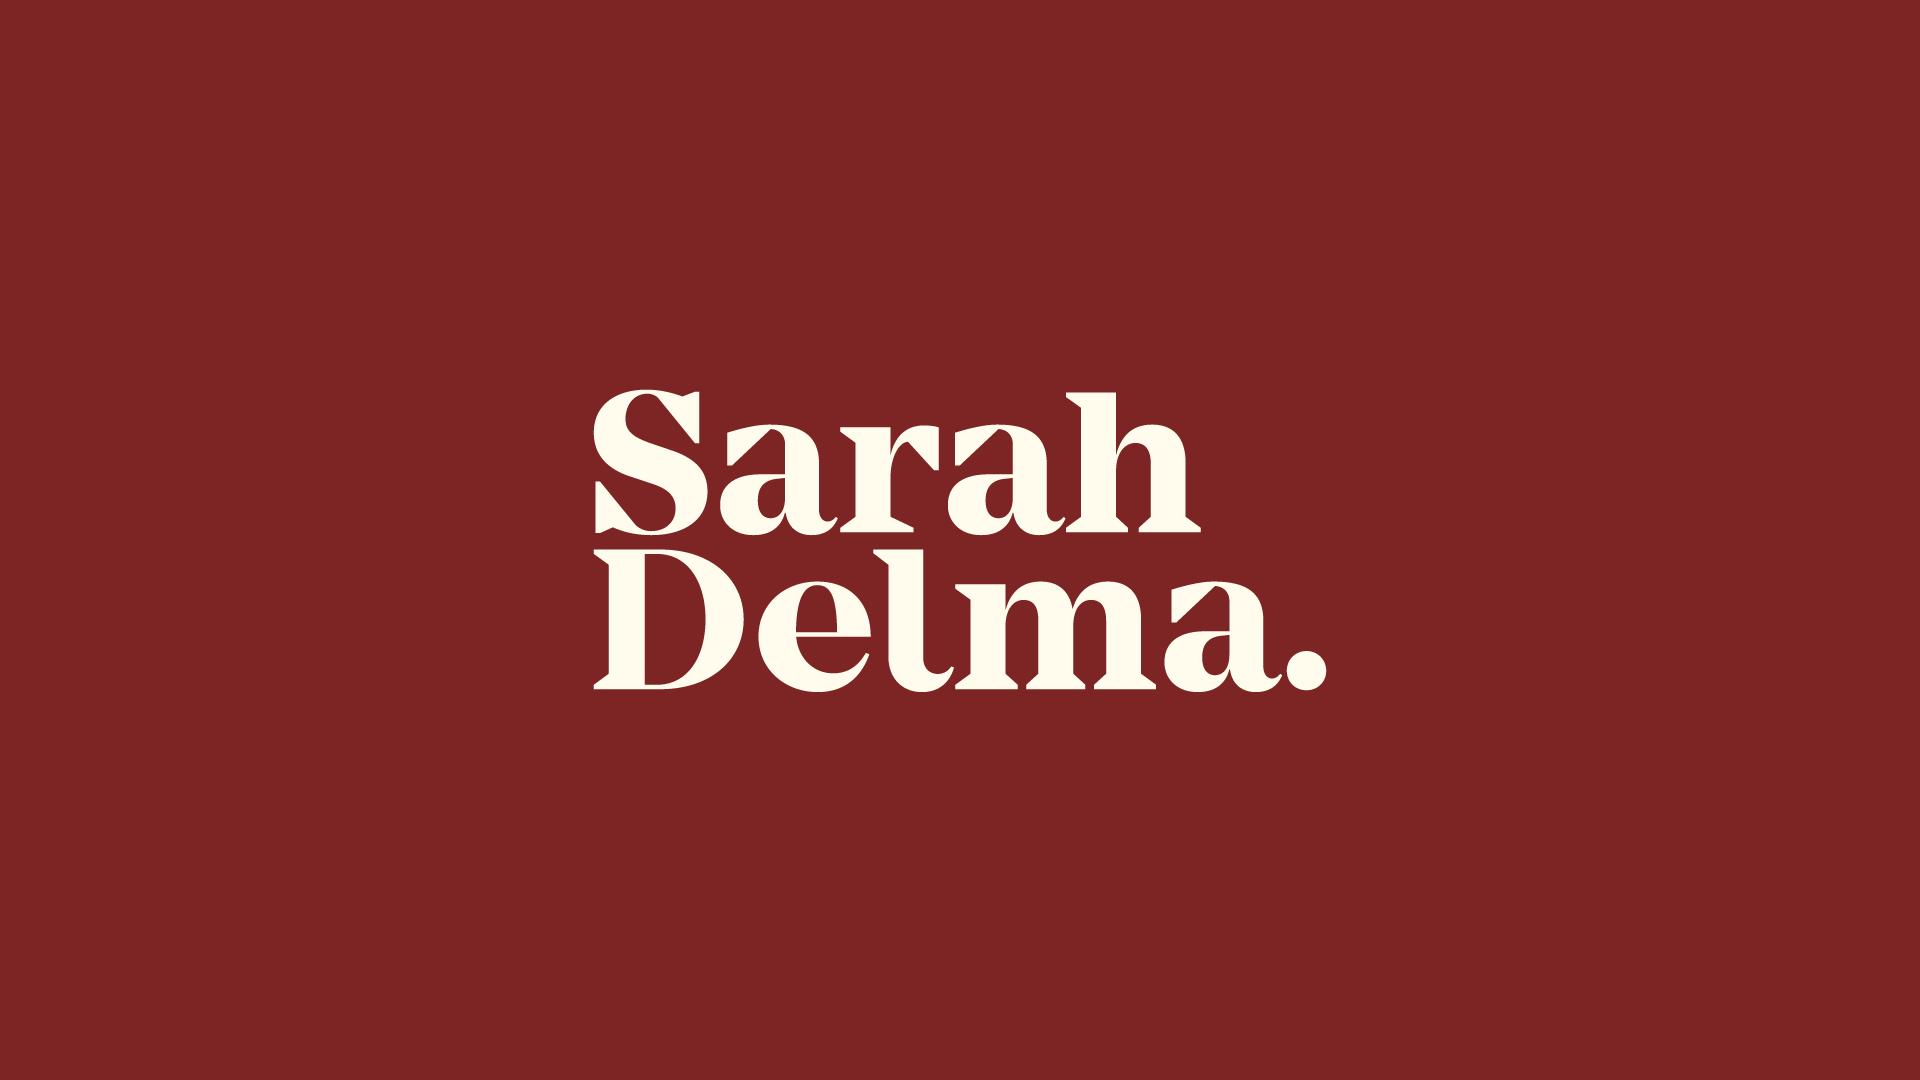 sarahdelma_logotipo2_fundovermelho.png